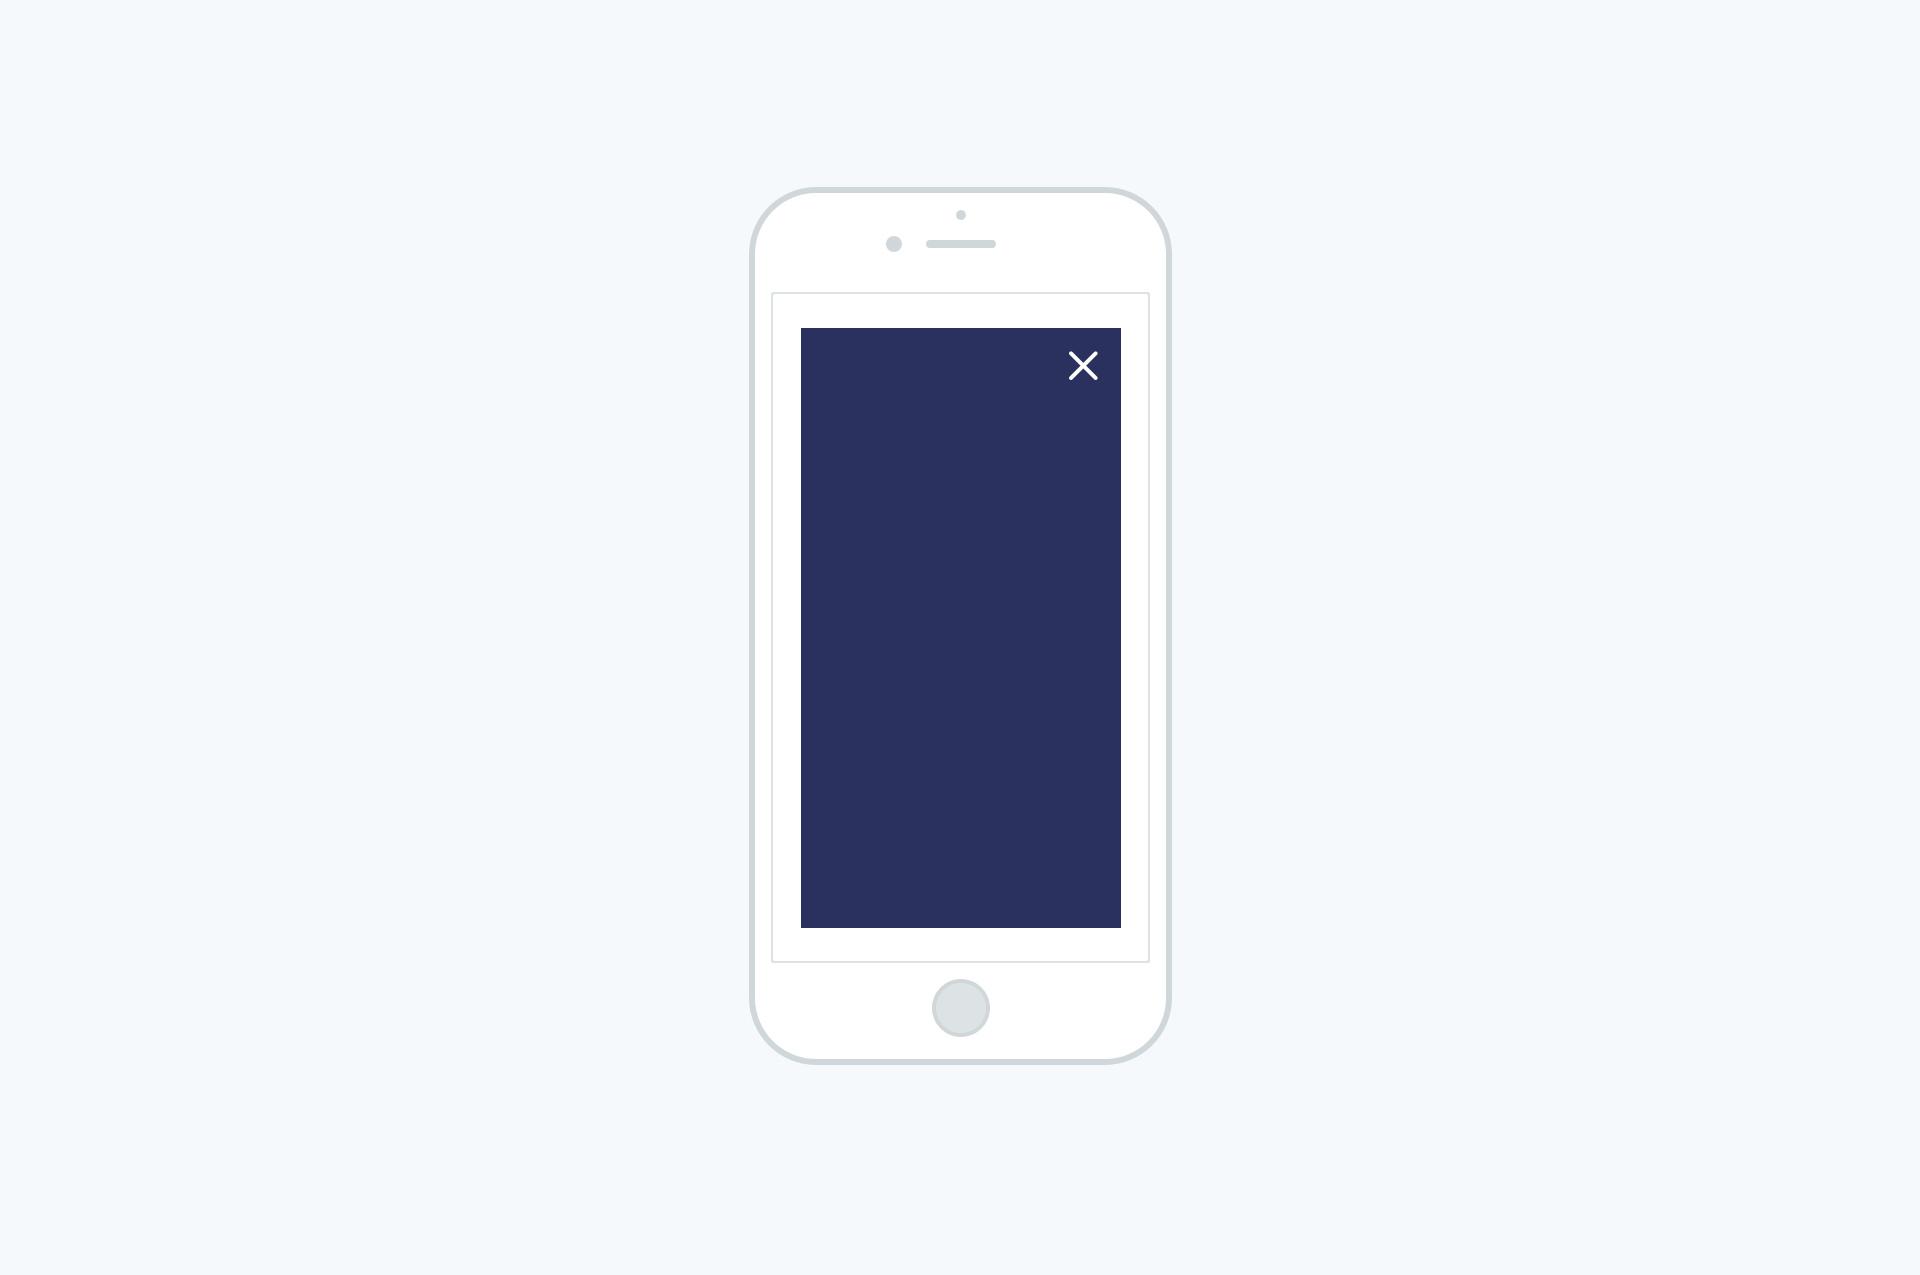 Mobile Interstitial